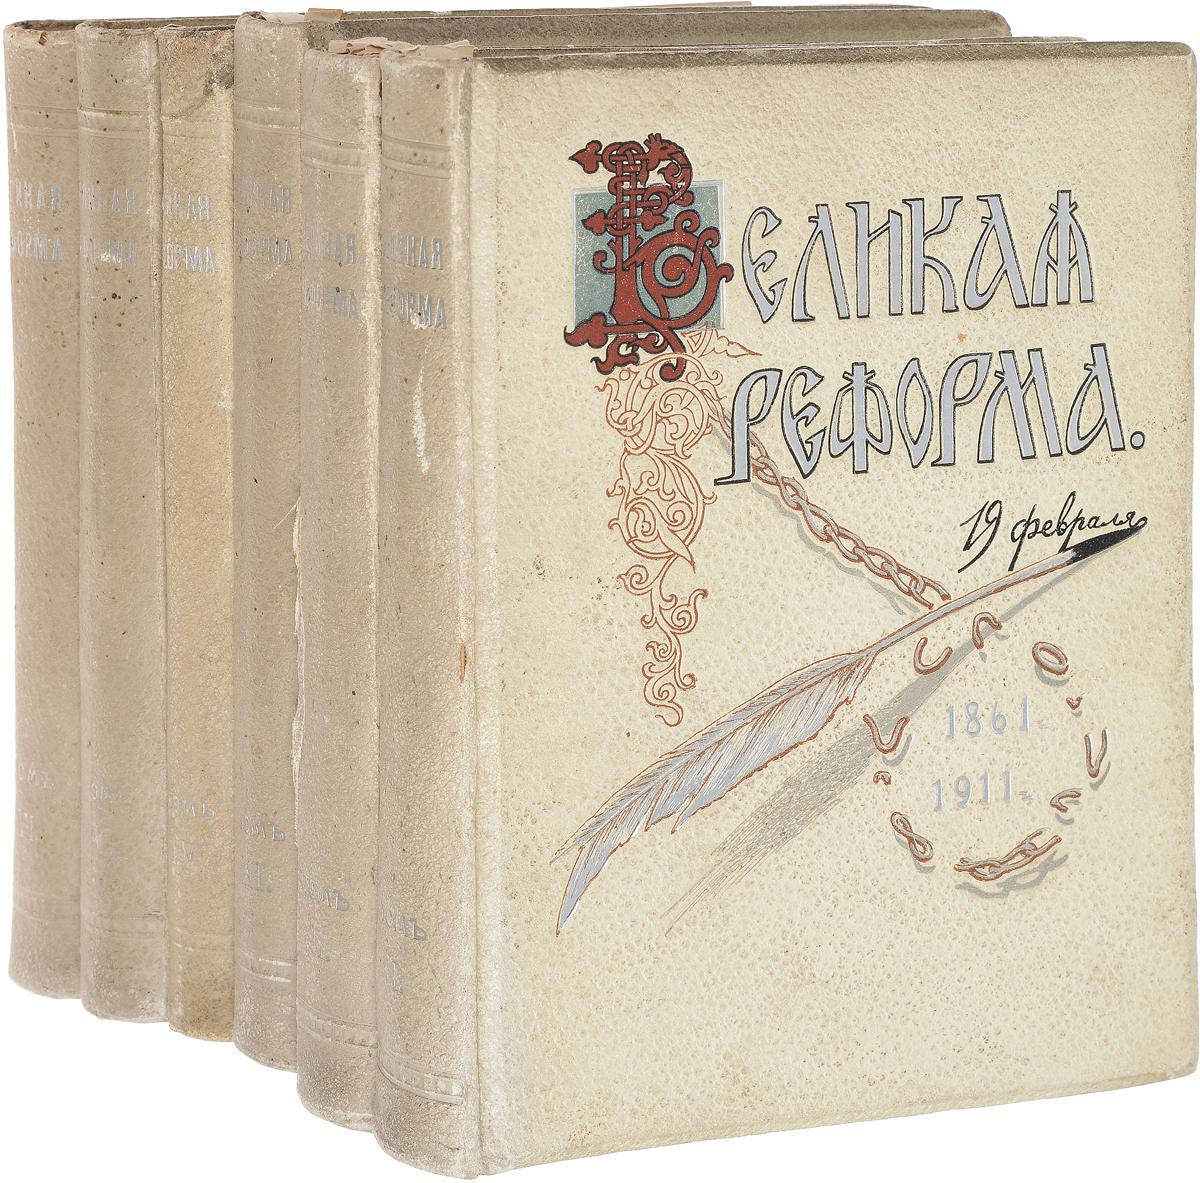 Великая реформа. Русское общество и крестьянский вопрос в прошлом настоящем. Юбилейное издание (комплект из 6 книг)